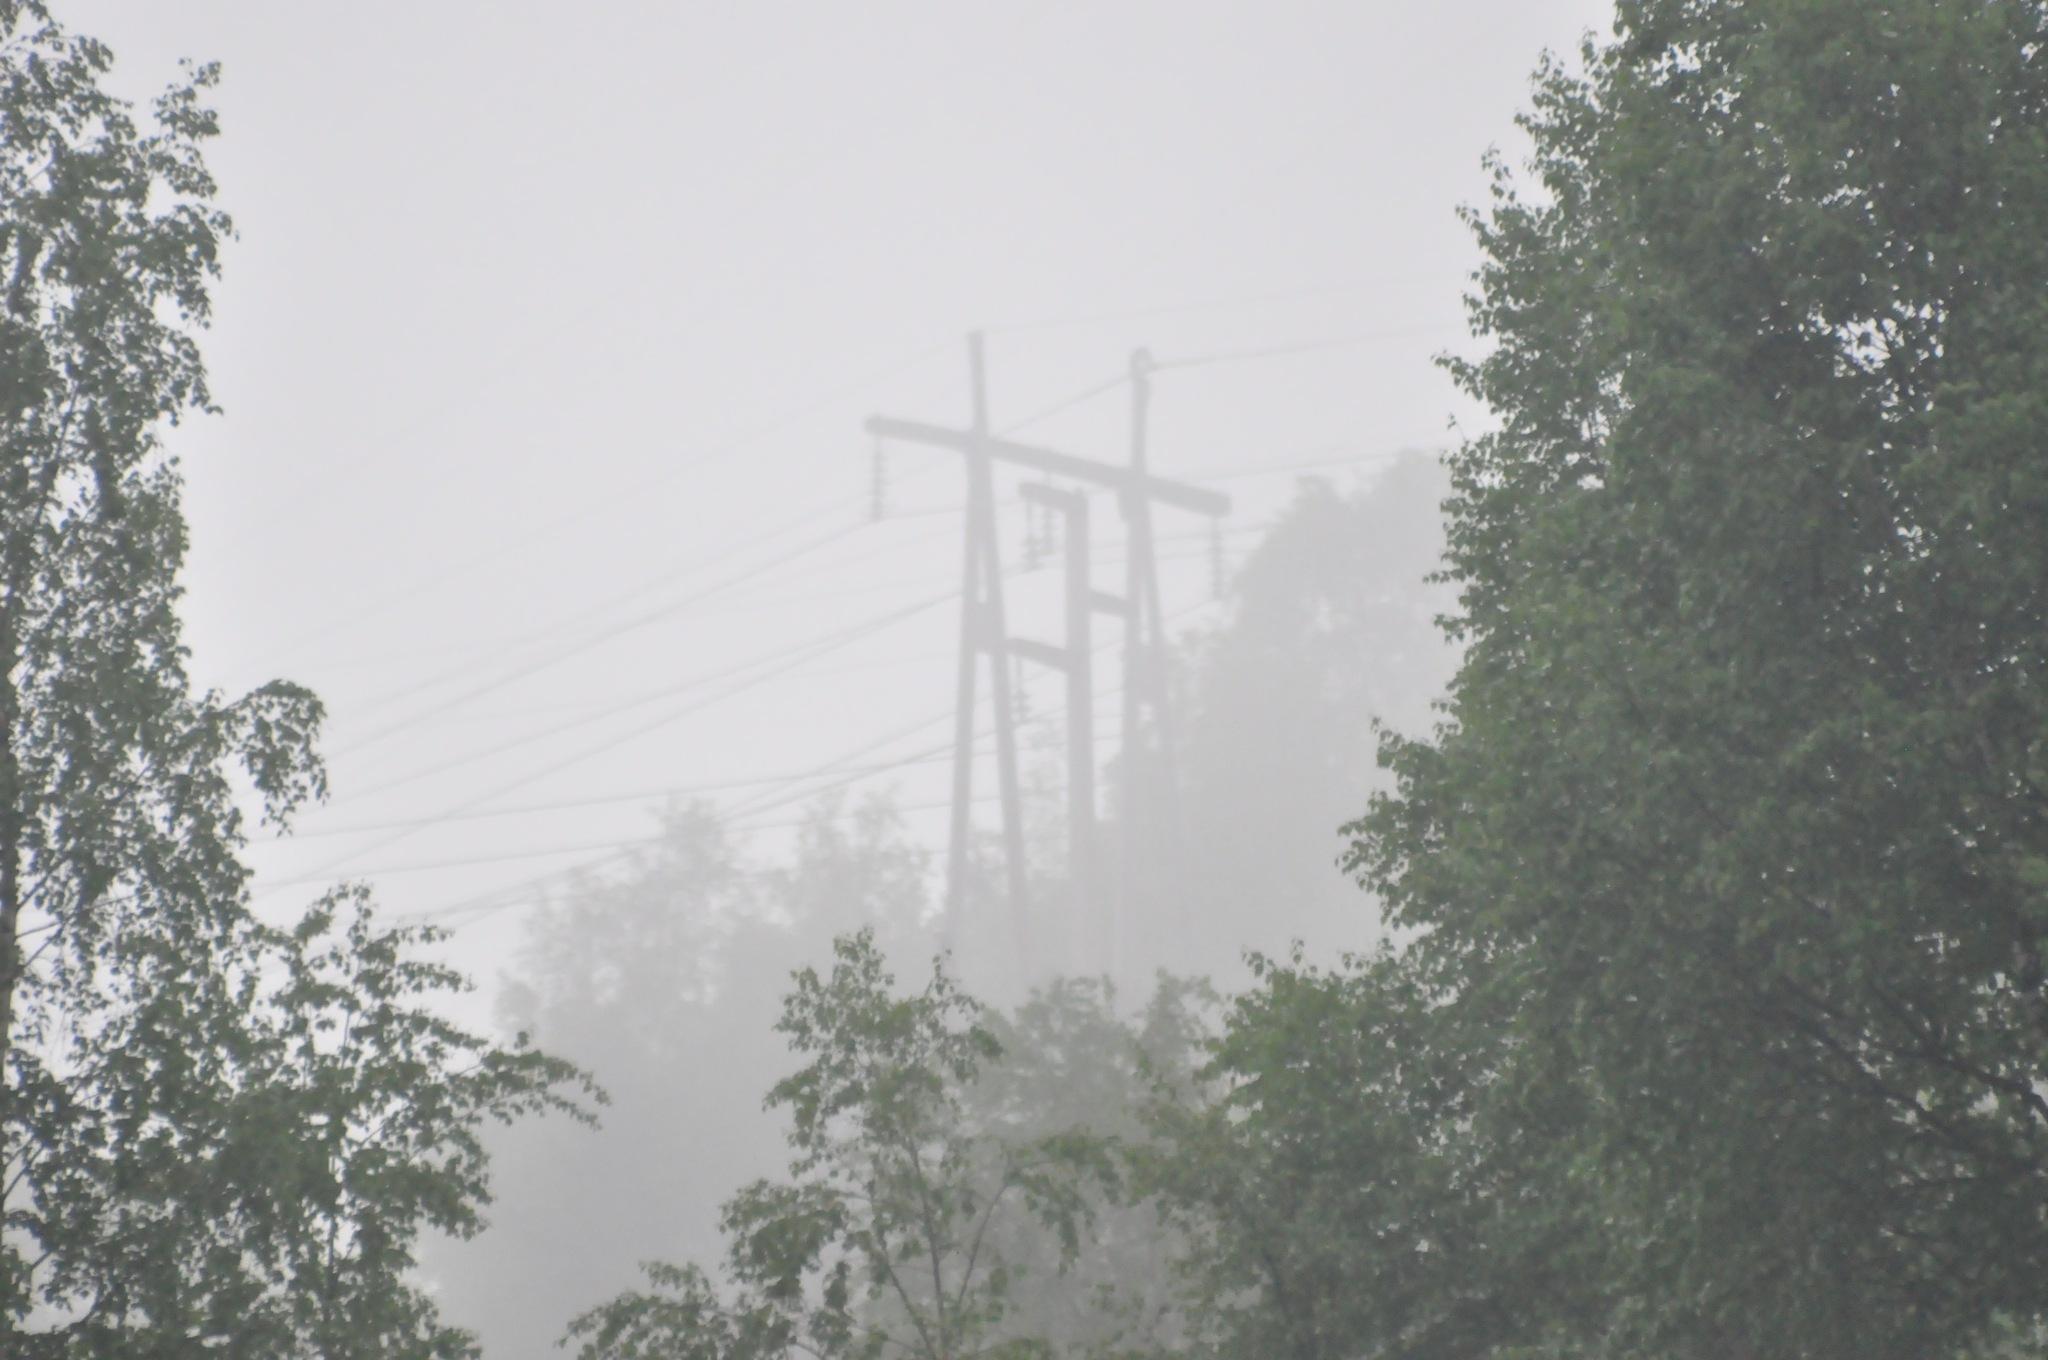 powerlines blured in morning fog by Dag Olav Øverland